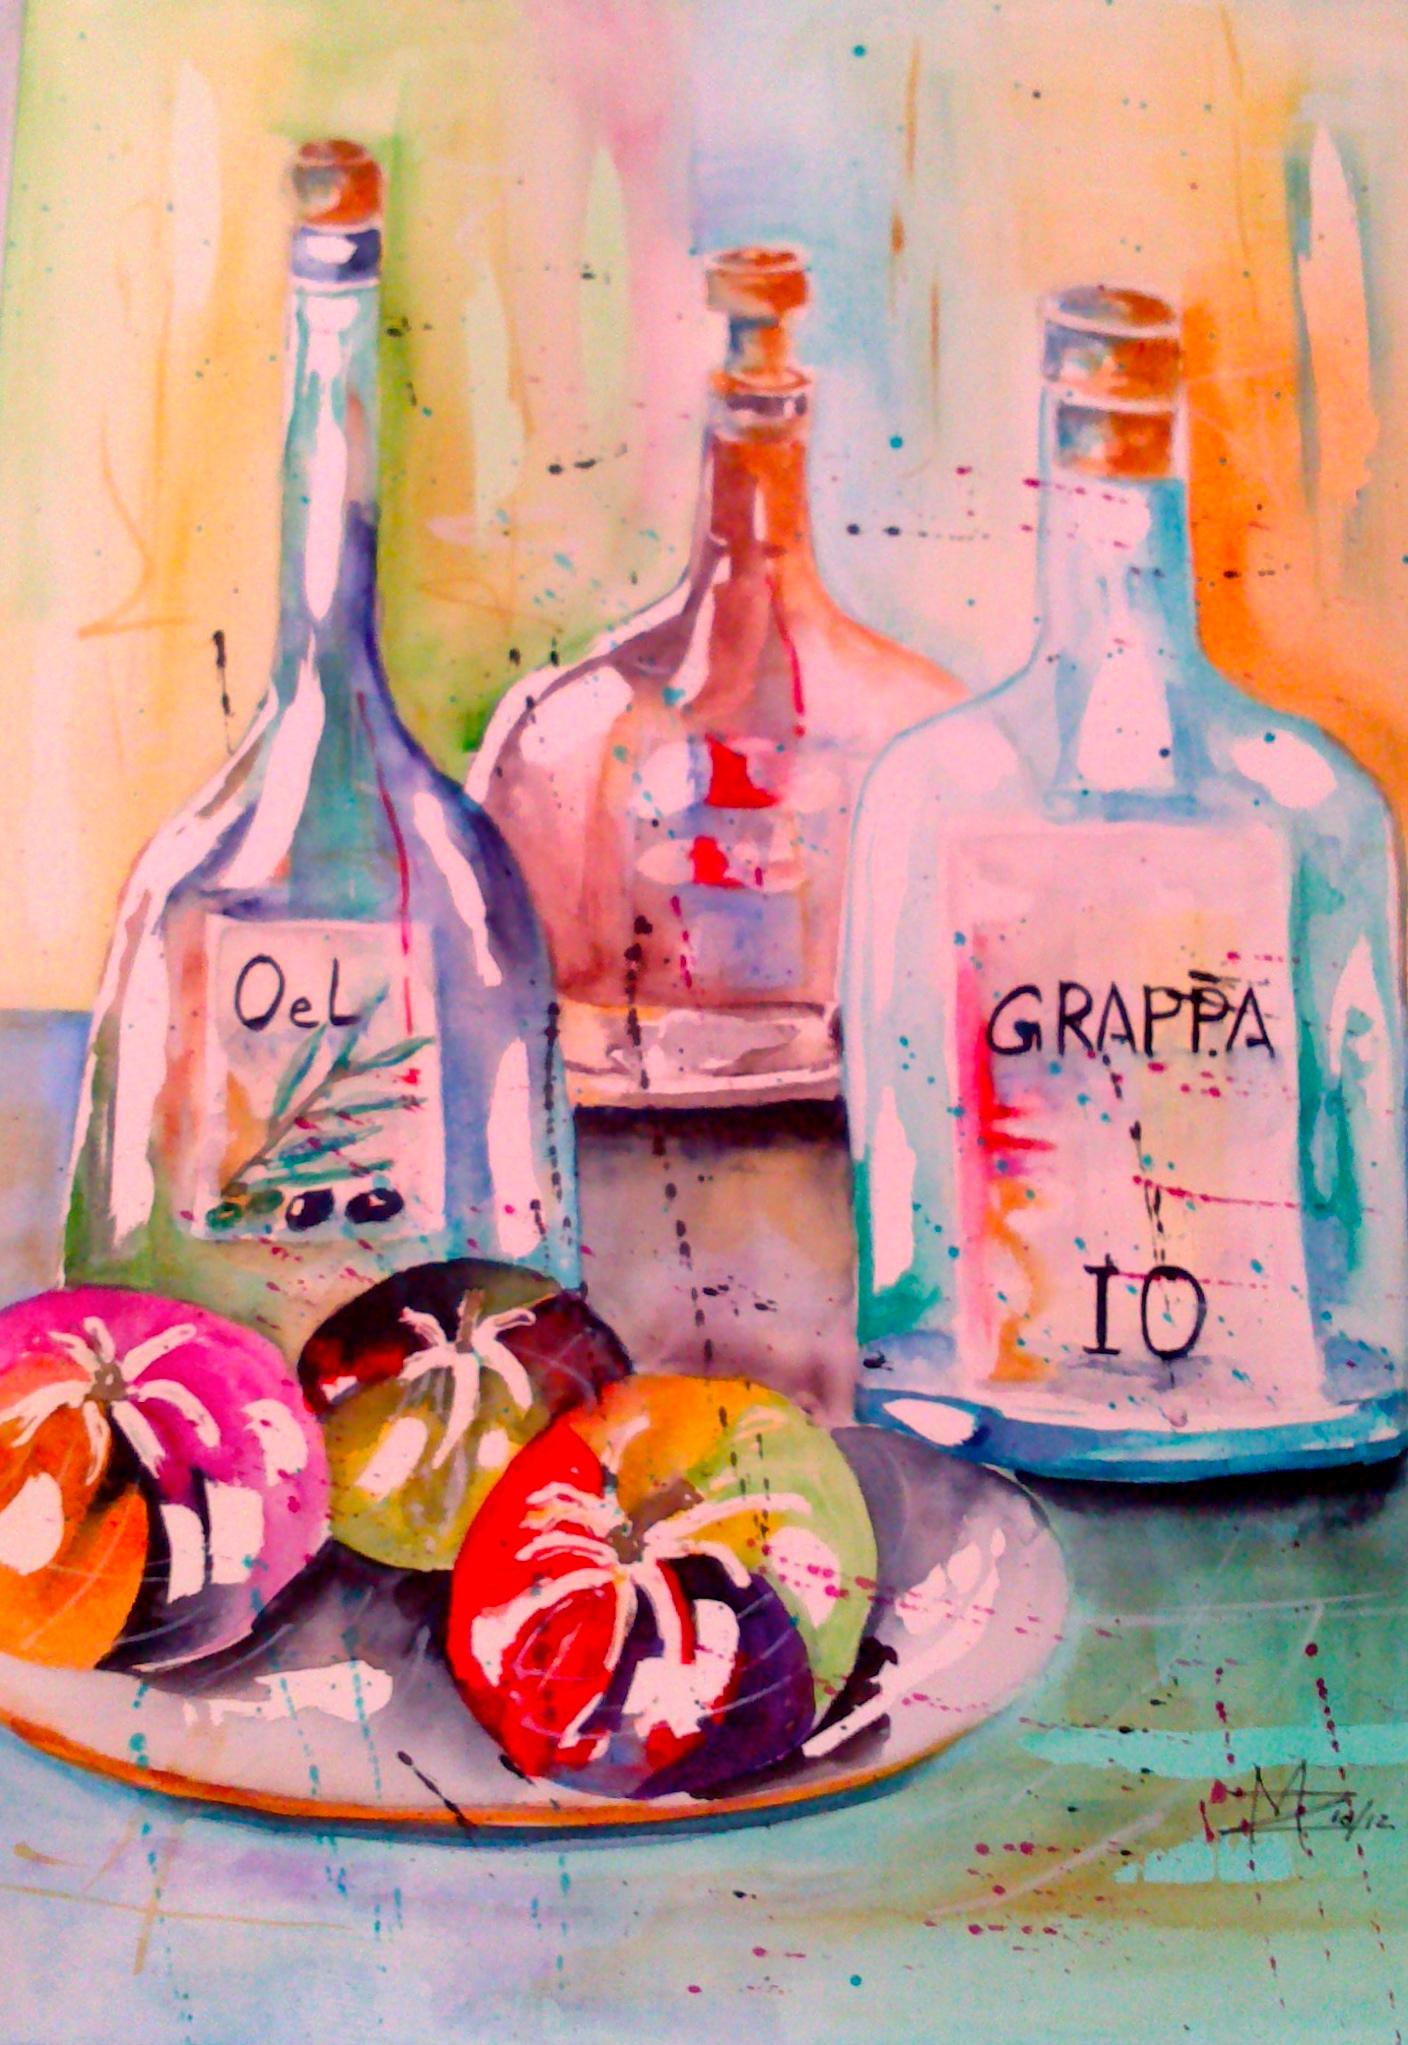 Bottles Aquarell 30X40cm Bild Nr.39 Preis auf Anfrage